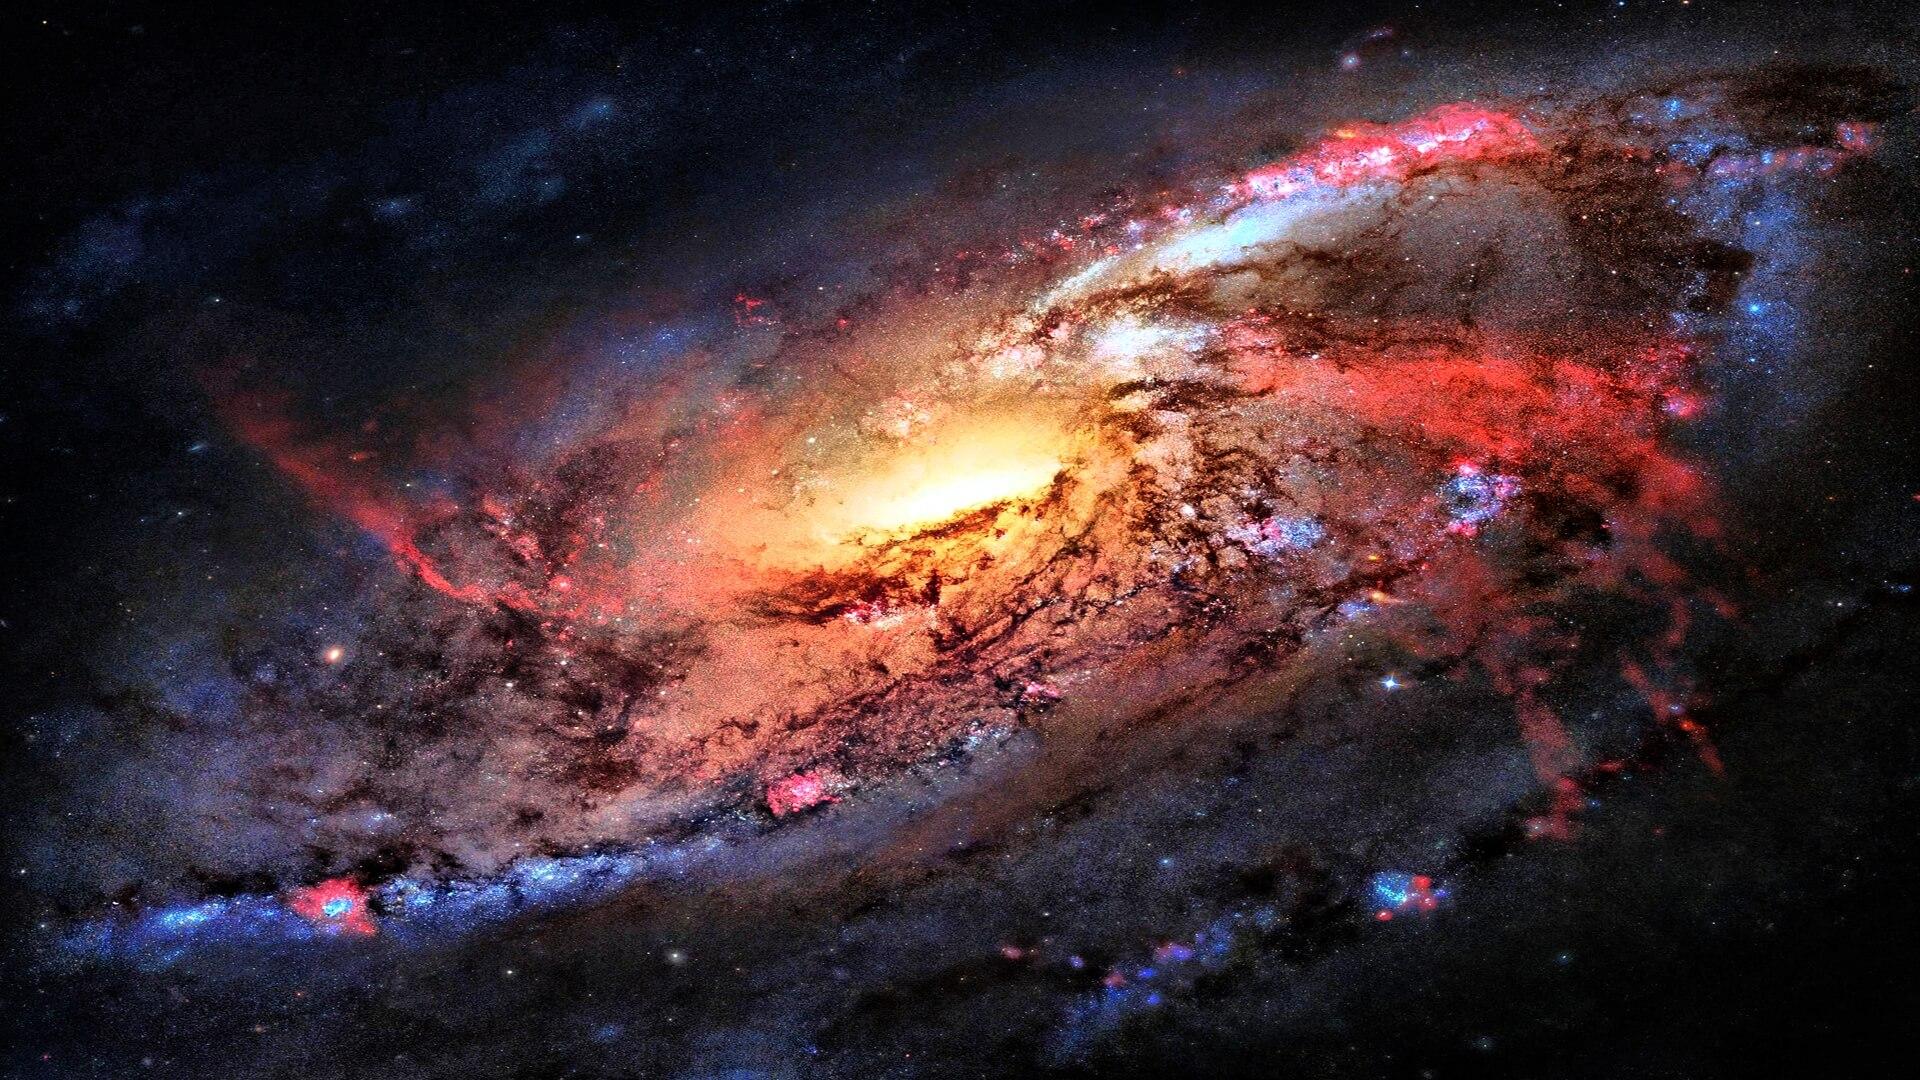 Галактика картинки в высоком разрешении